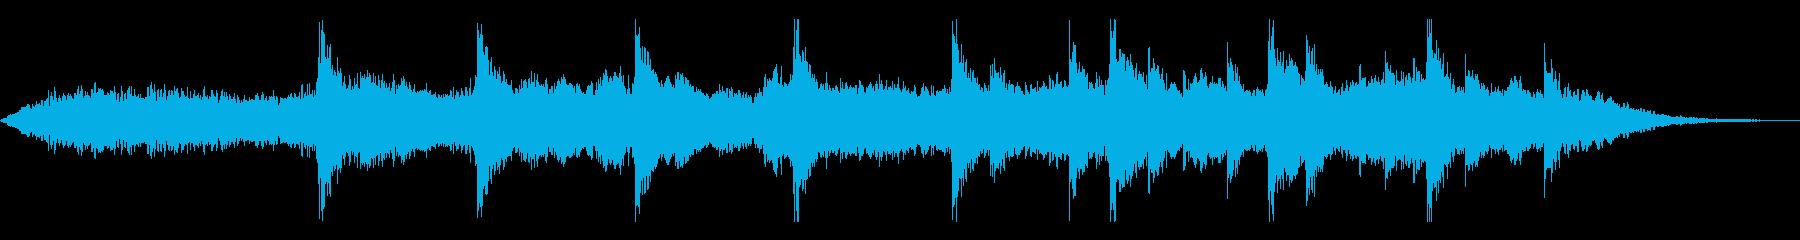 神々しいダークアンビエント(声なし)の再生済みの波形